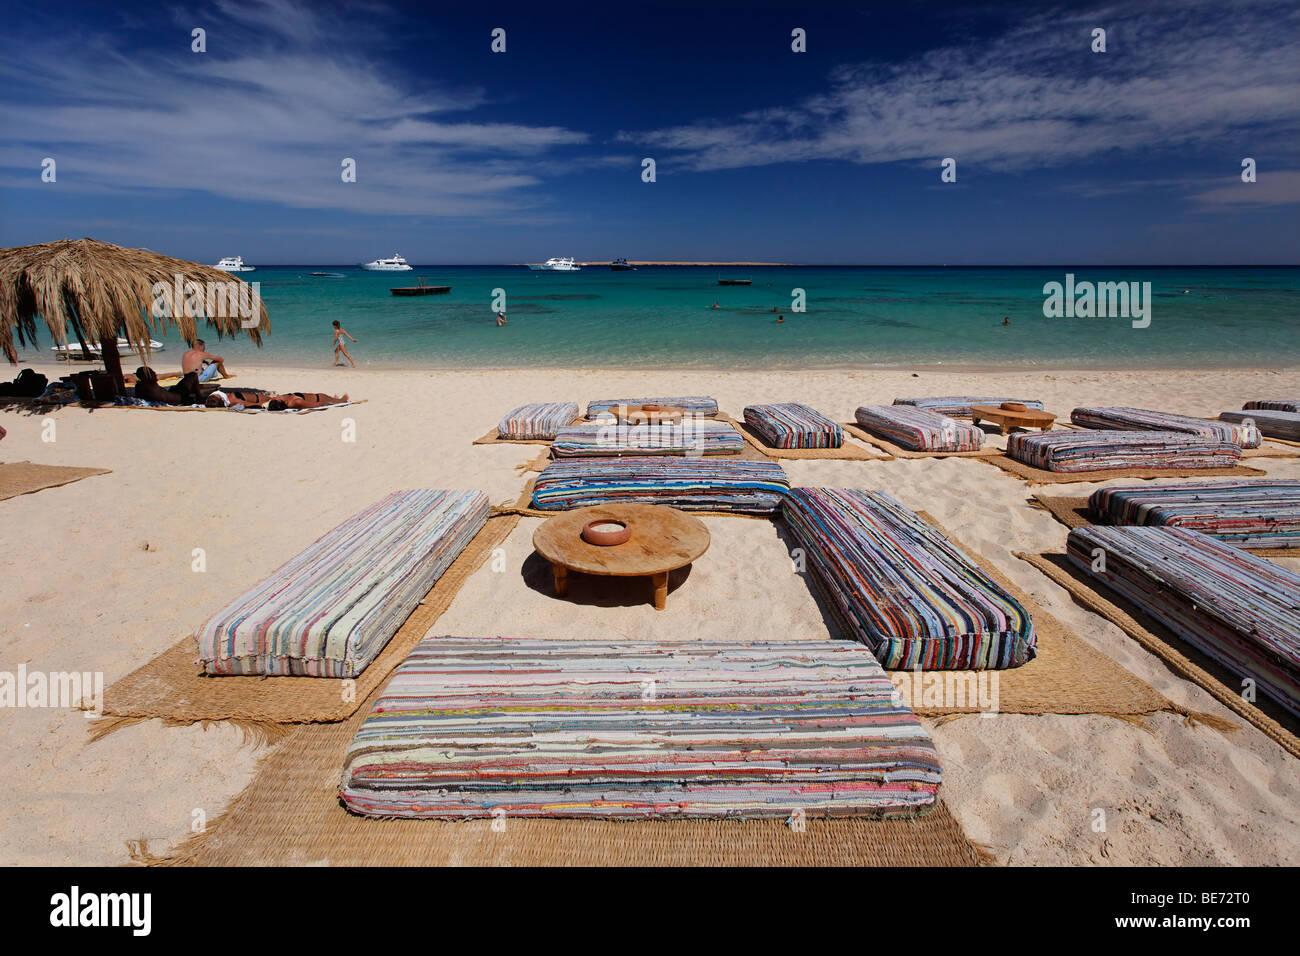 Sedi di cuscini, spiaggia, laguna, orizzonte, ombrellone, Mahmya, Isola Giftun, Hurghada, Egitto, Africa, Mar Rosso Immagini Stock